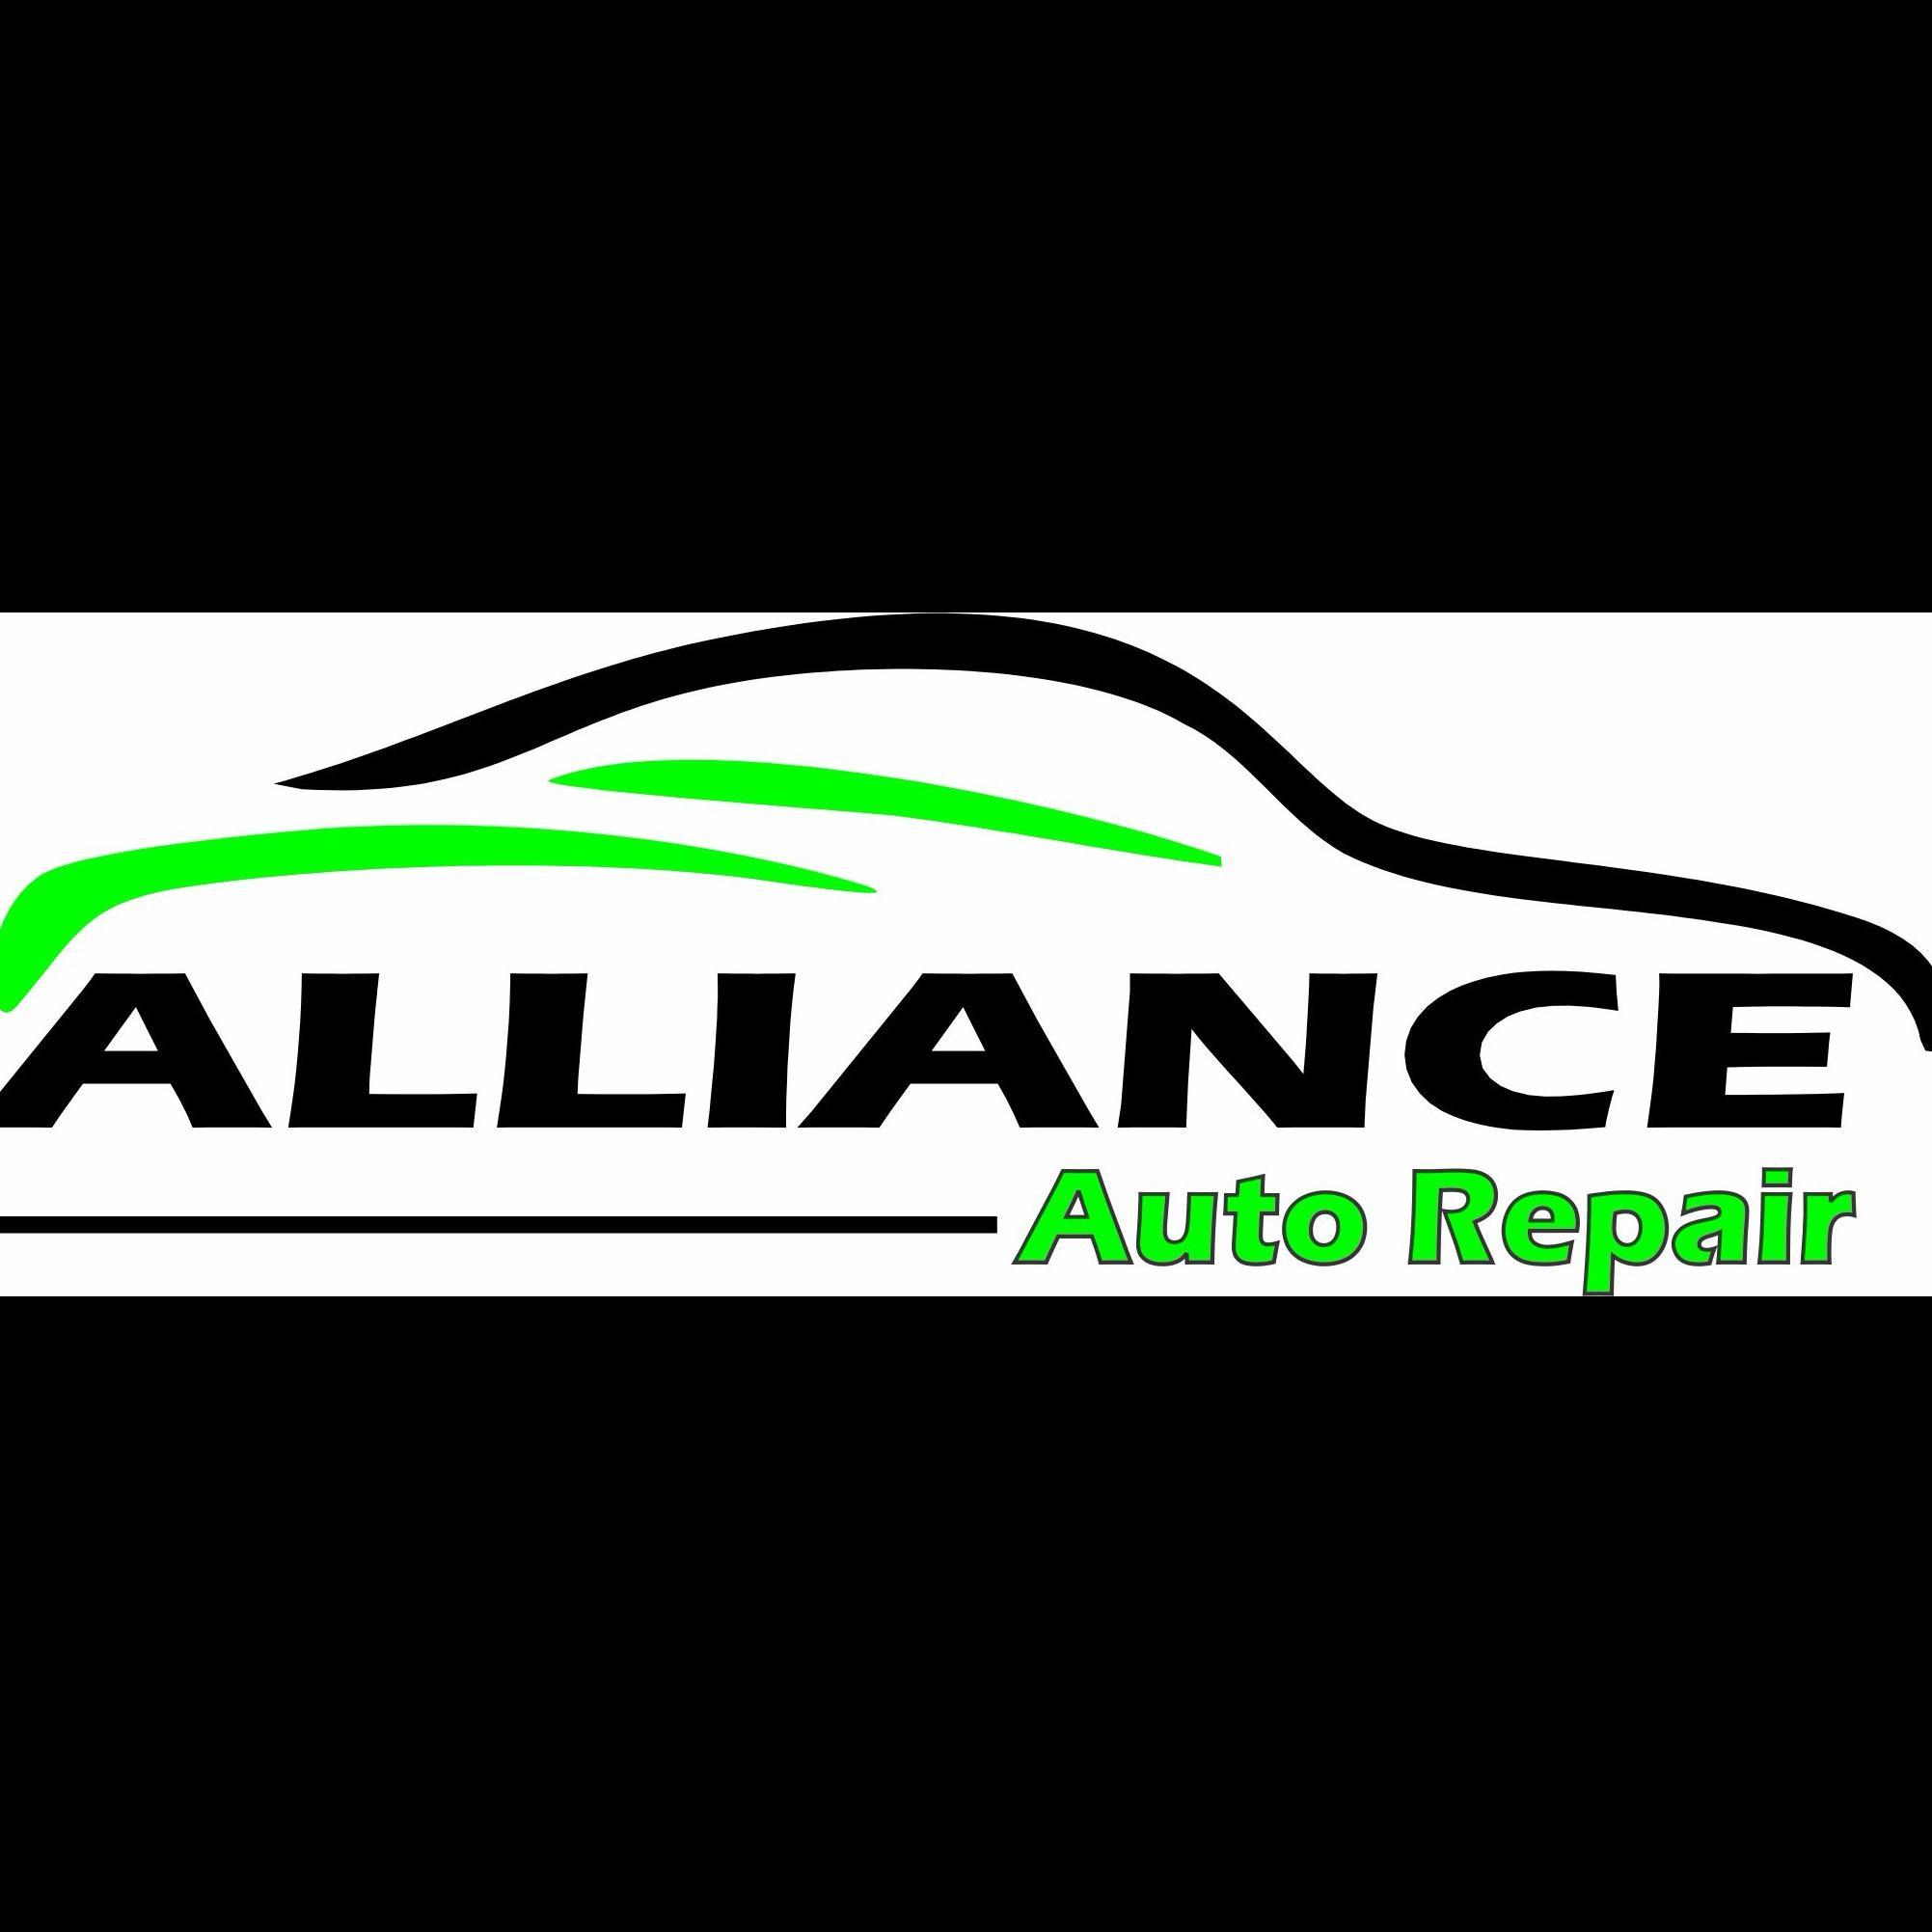 Alliance Auto Repair image 0